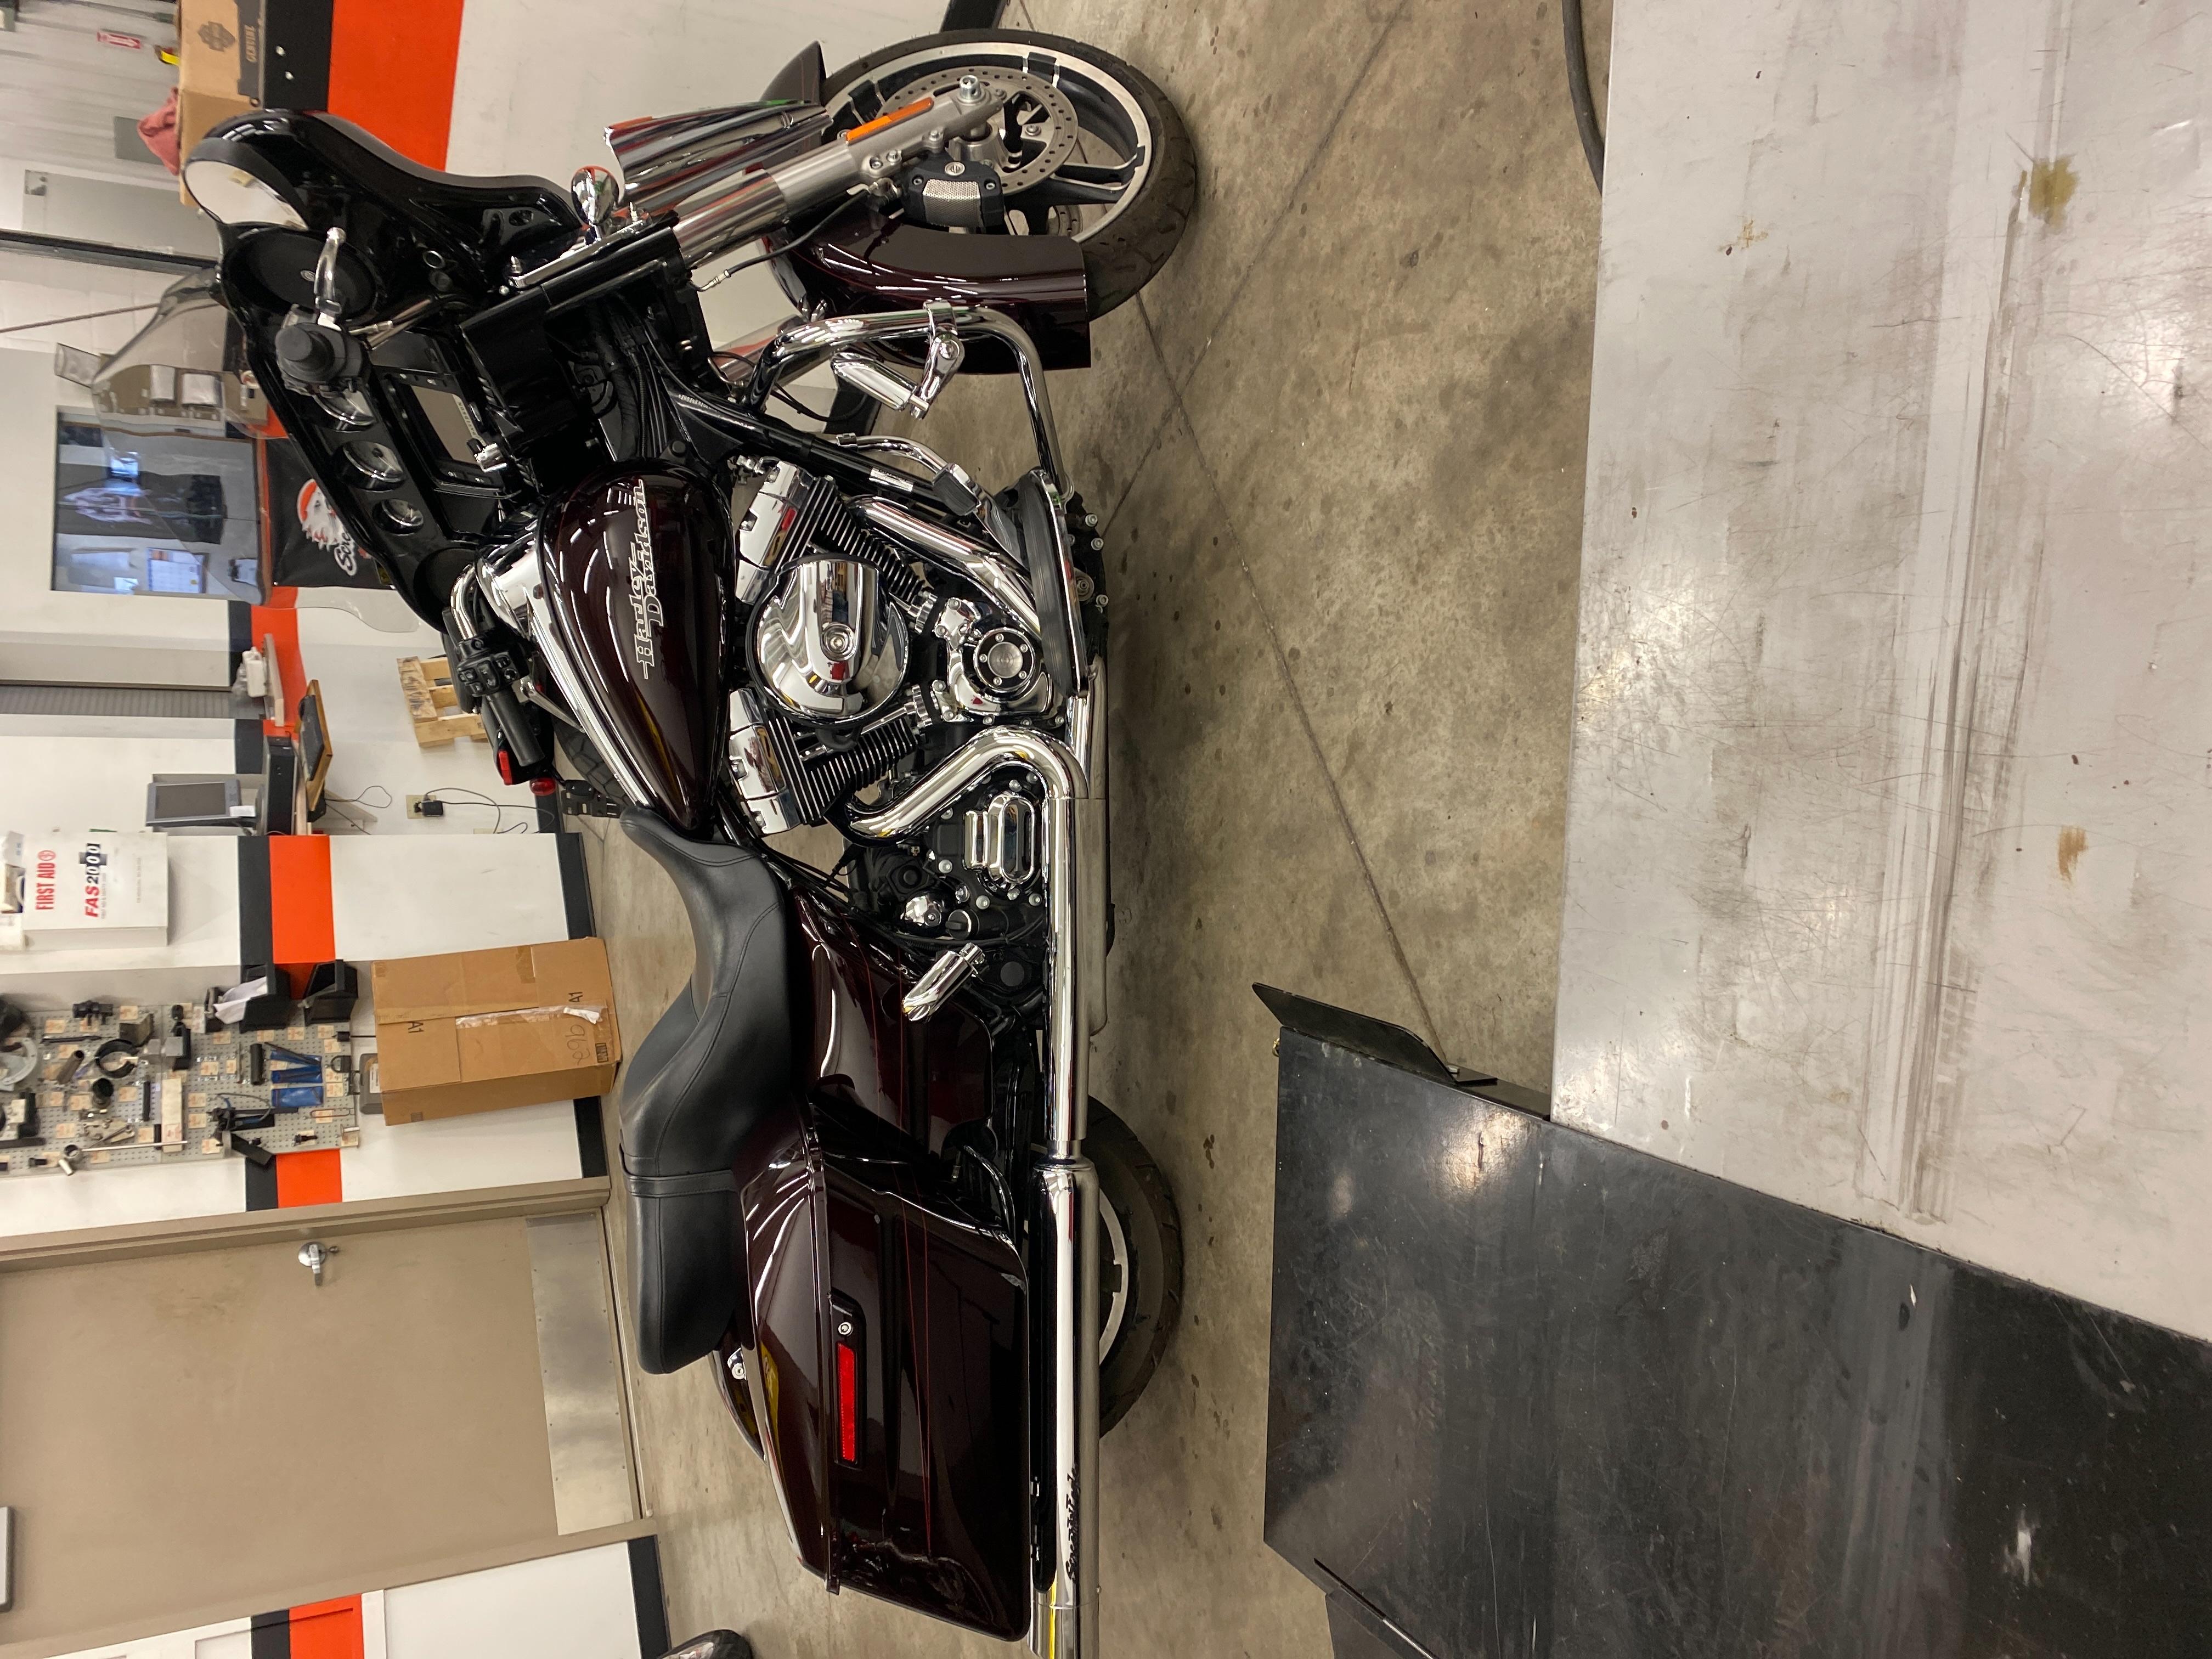 2014 Harley-Davidson Street Glide Special at Outpost Harley-Davidson